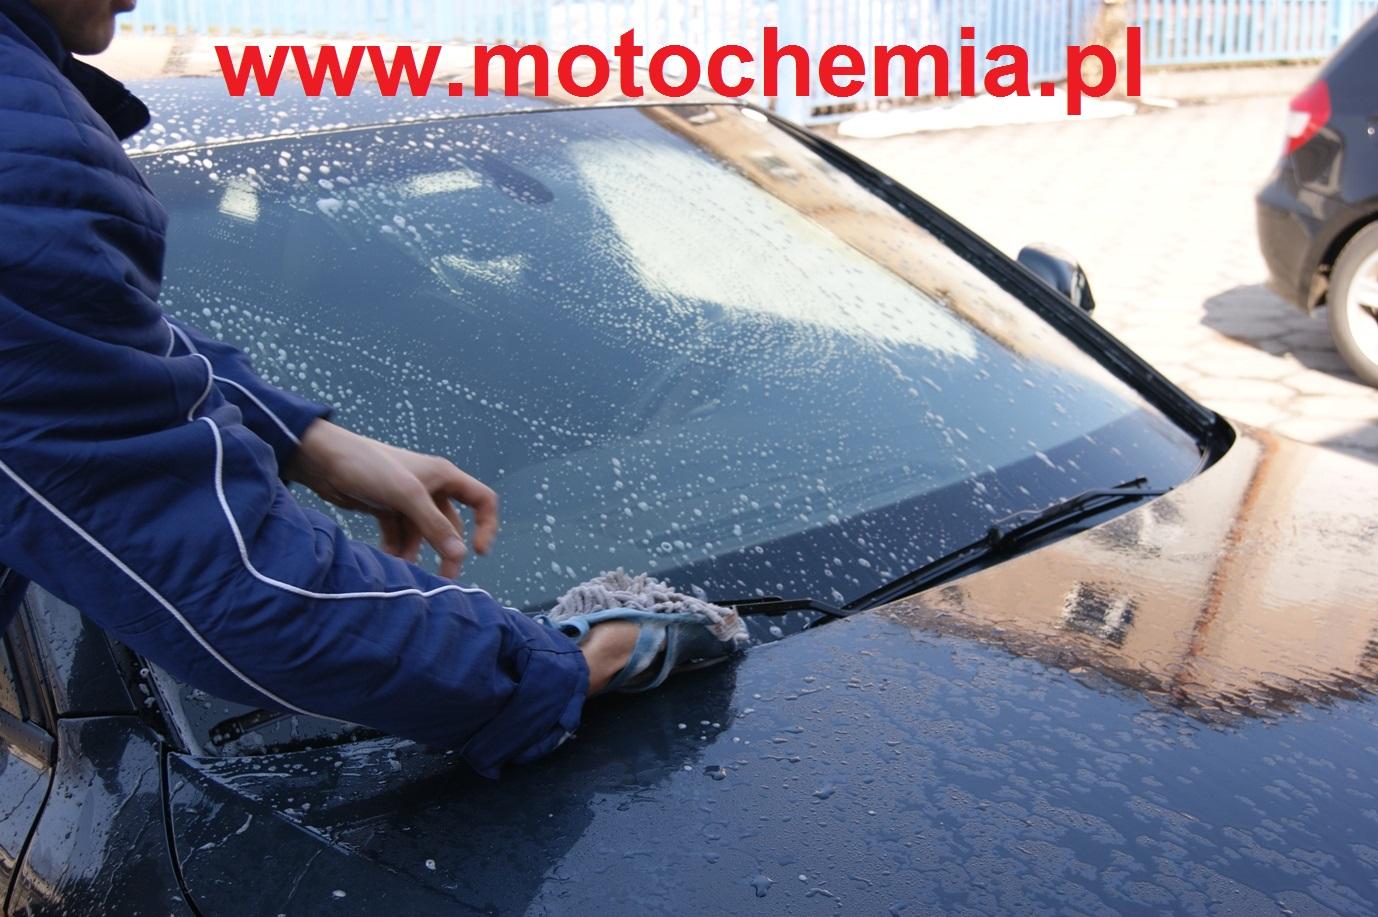 Mycie wycieraczek samochodowych do szyb